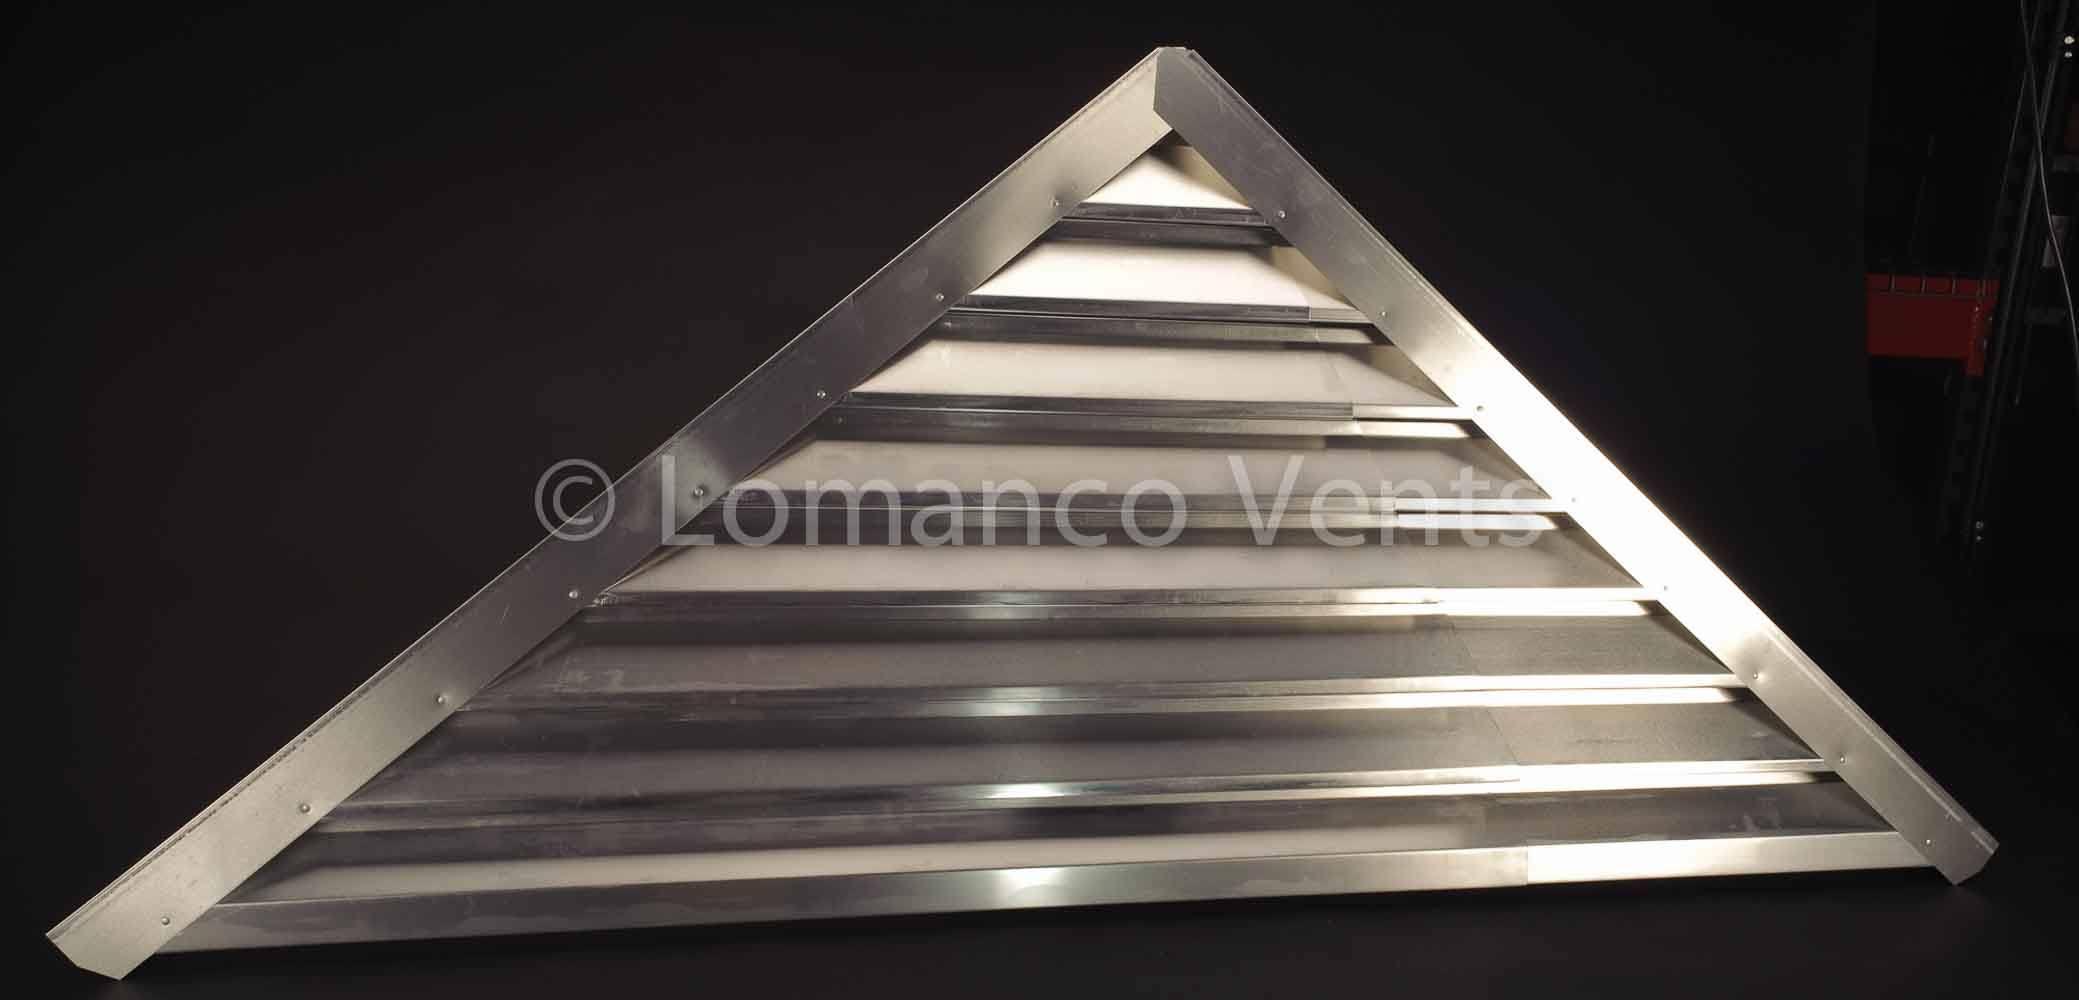 Lomanco Vents Gable Vents